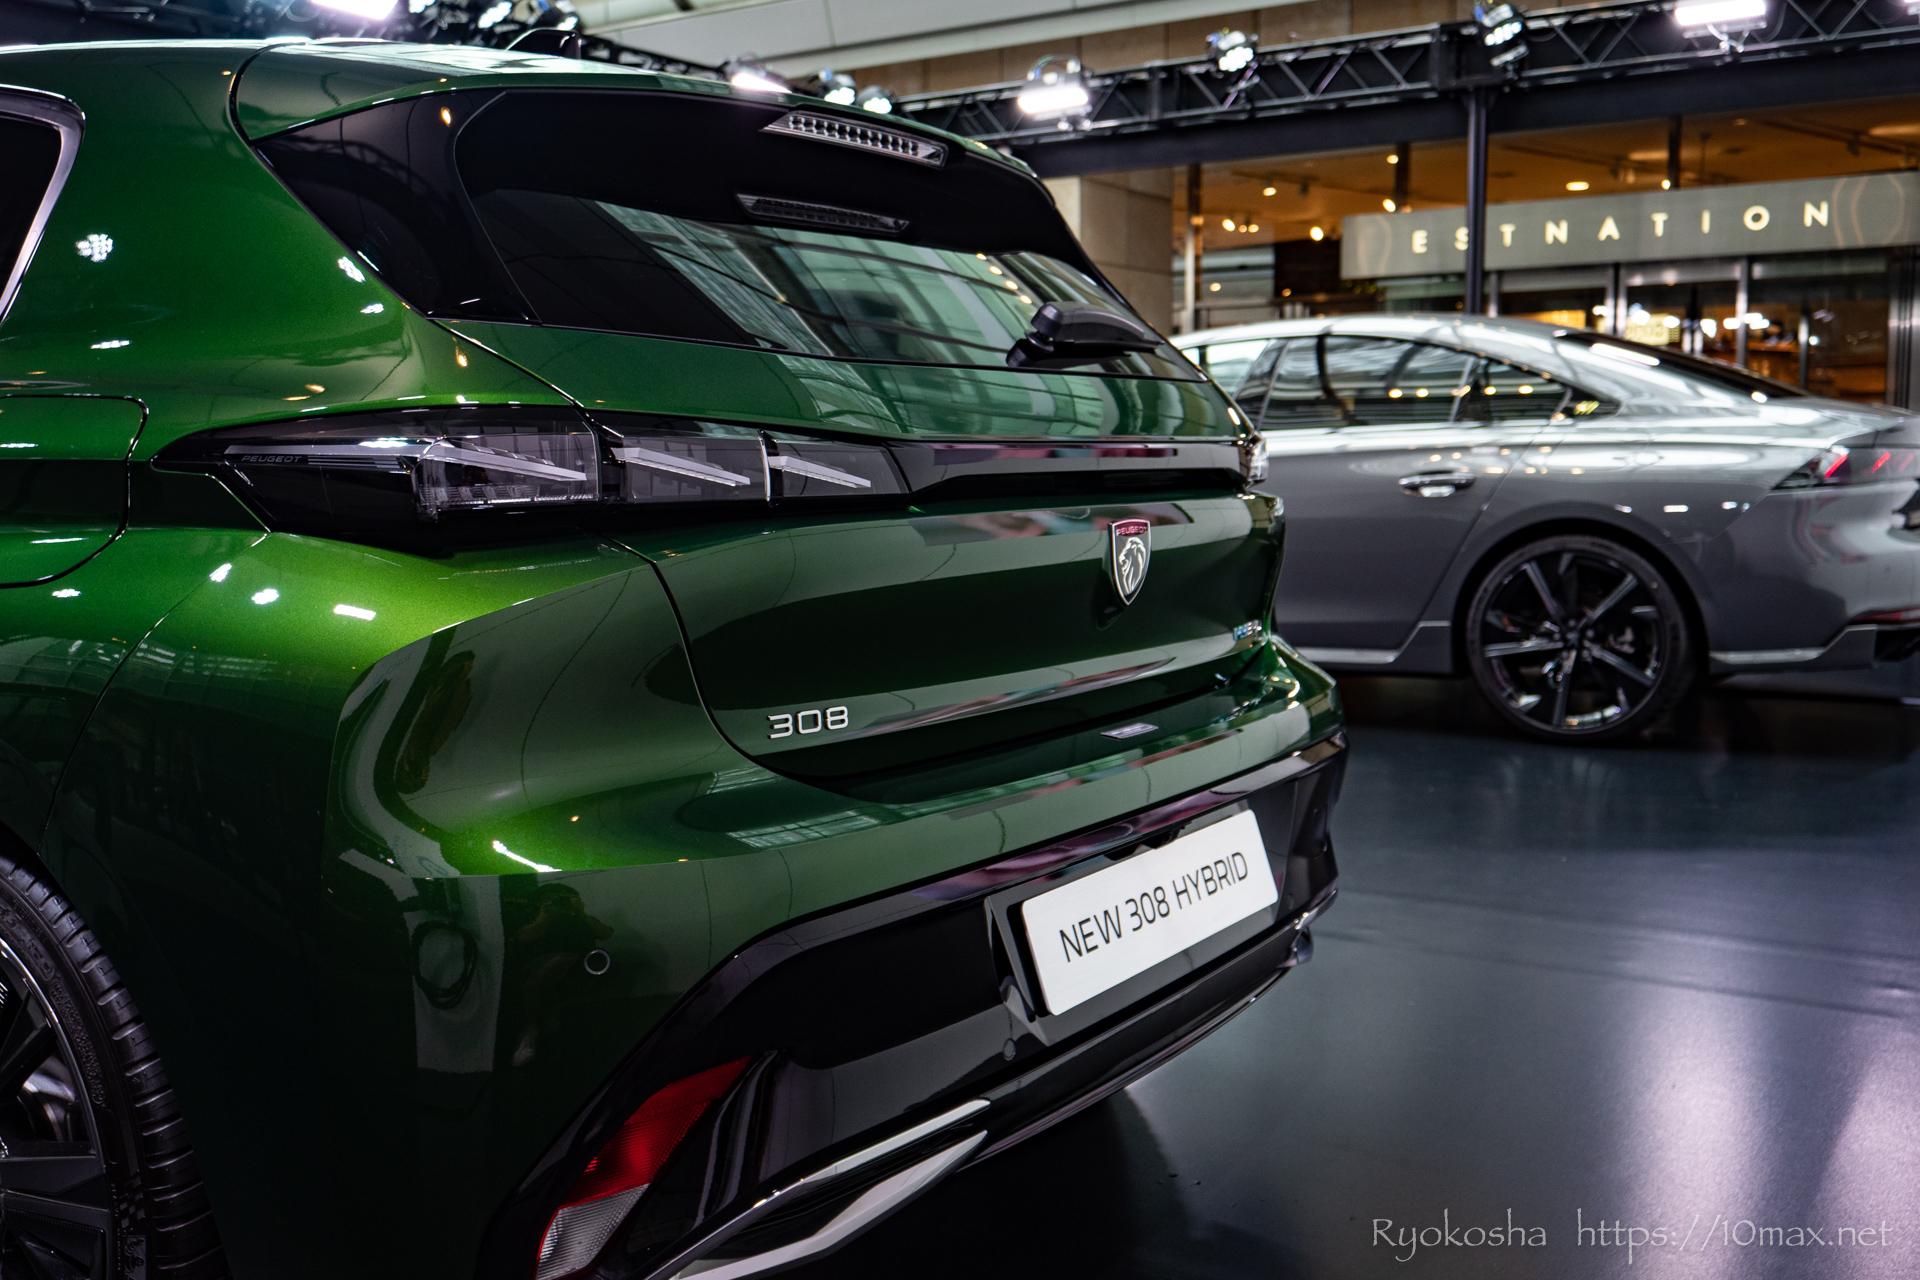 プジョー 308 新型 LION EXPERIENCE 2021 六本木ヒルズ 実車 写真